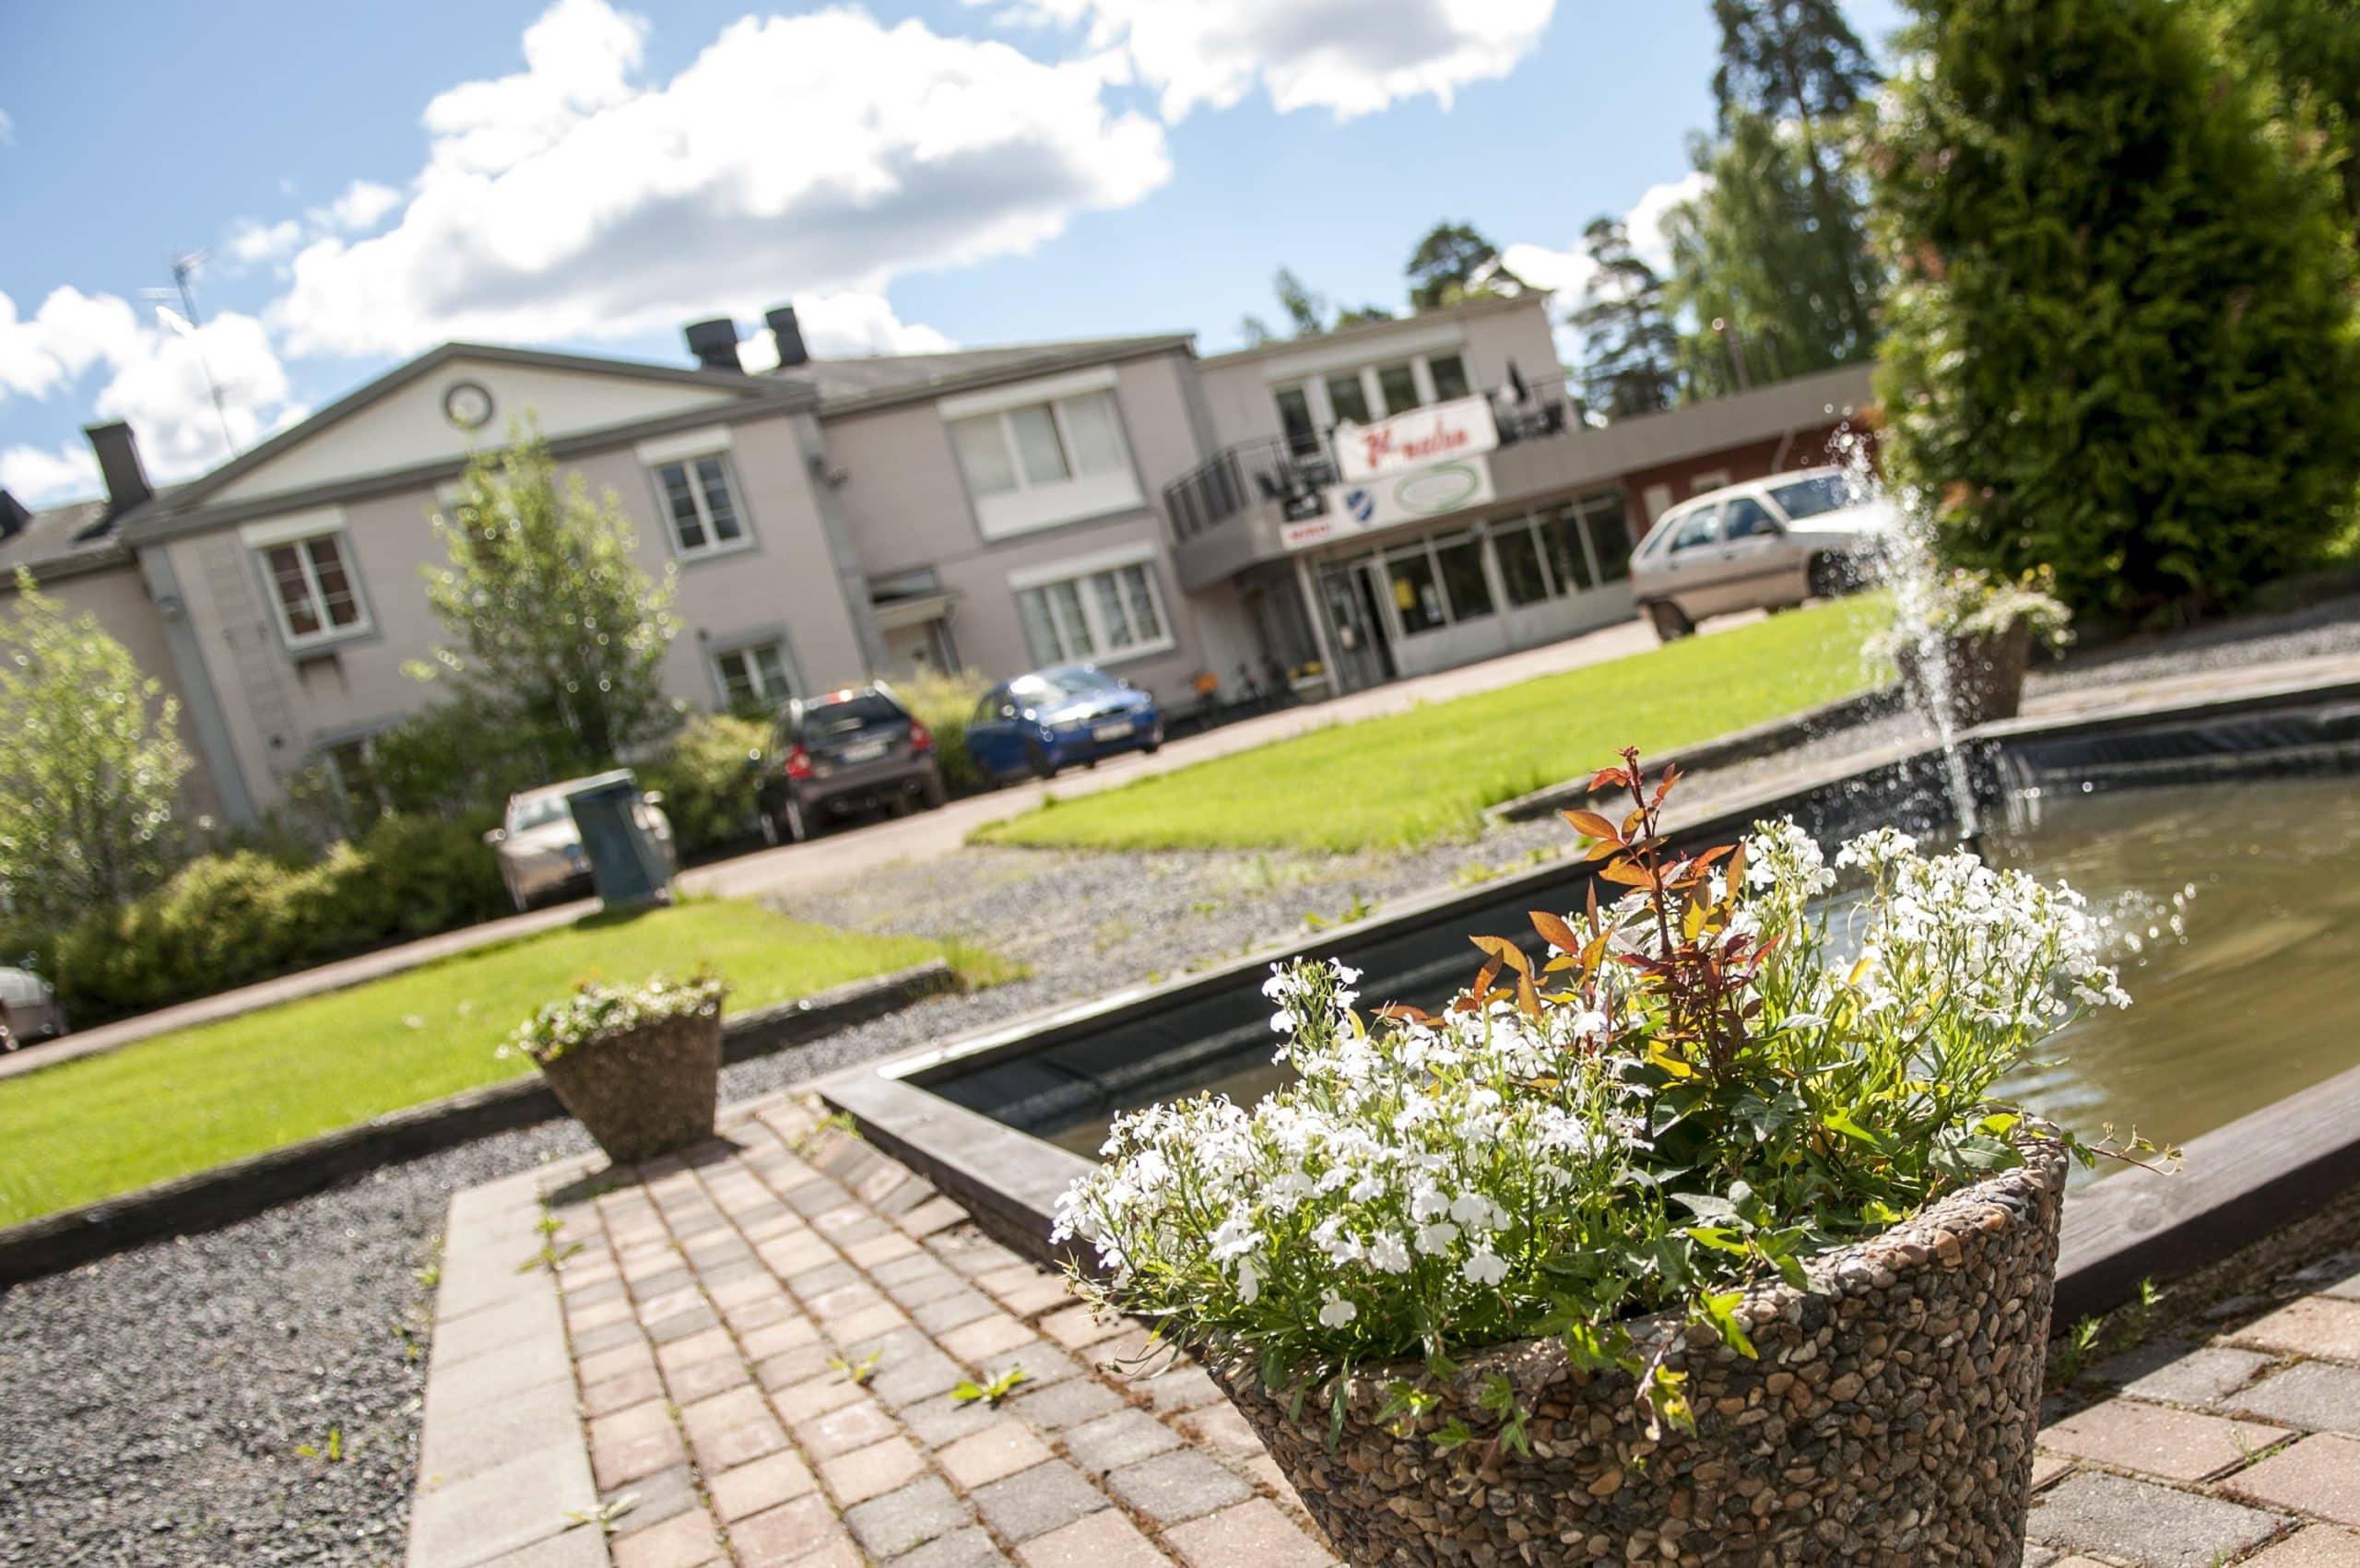 Munkfors Förenings- och konferenscenter i bakgrunden. I förgrunden syns en del av trädgården men blommor och en fontän.